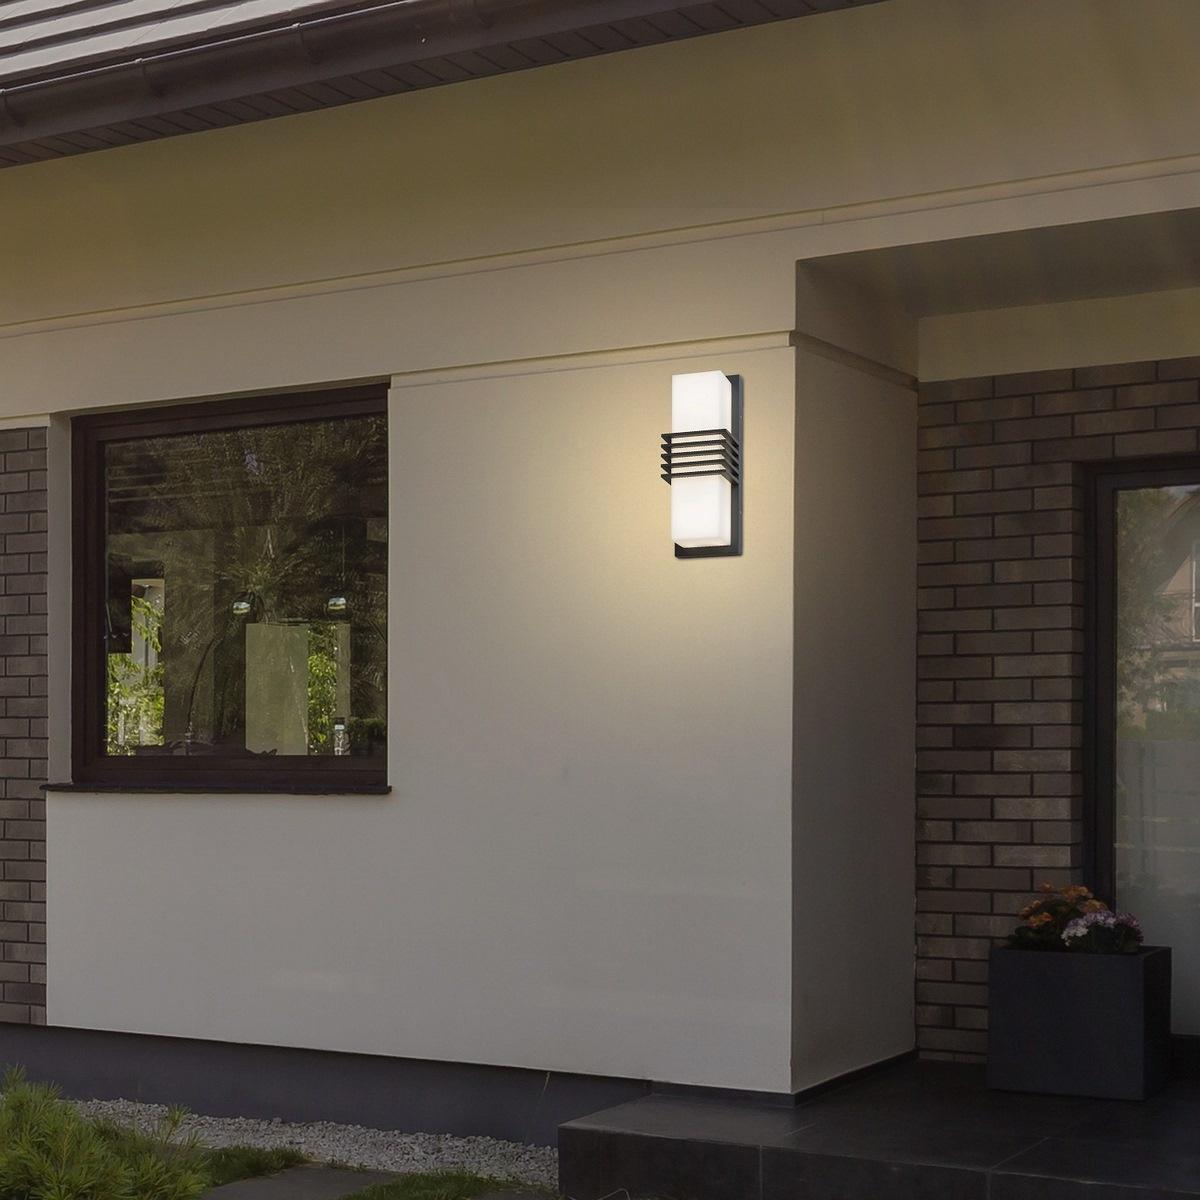 Produktové foto Rabalux 8940 Rodez Venkovní LED nástěnné svítidlo, černobílá